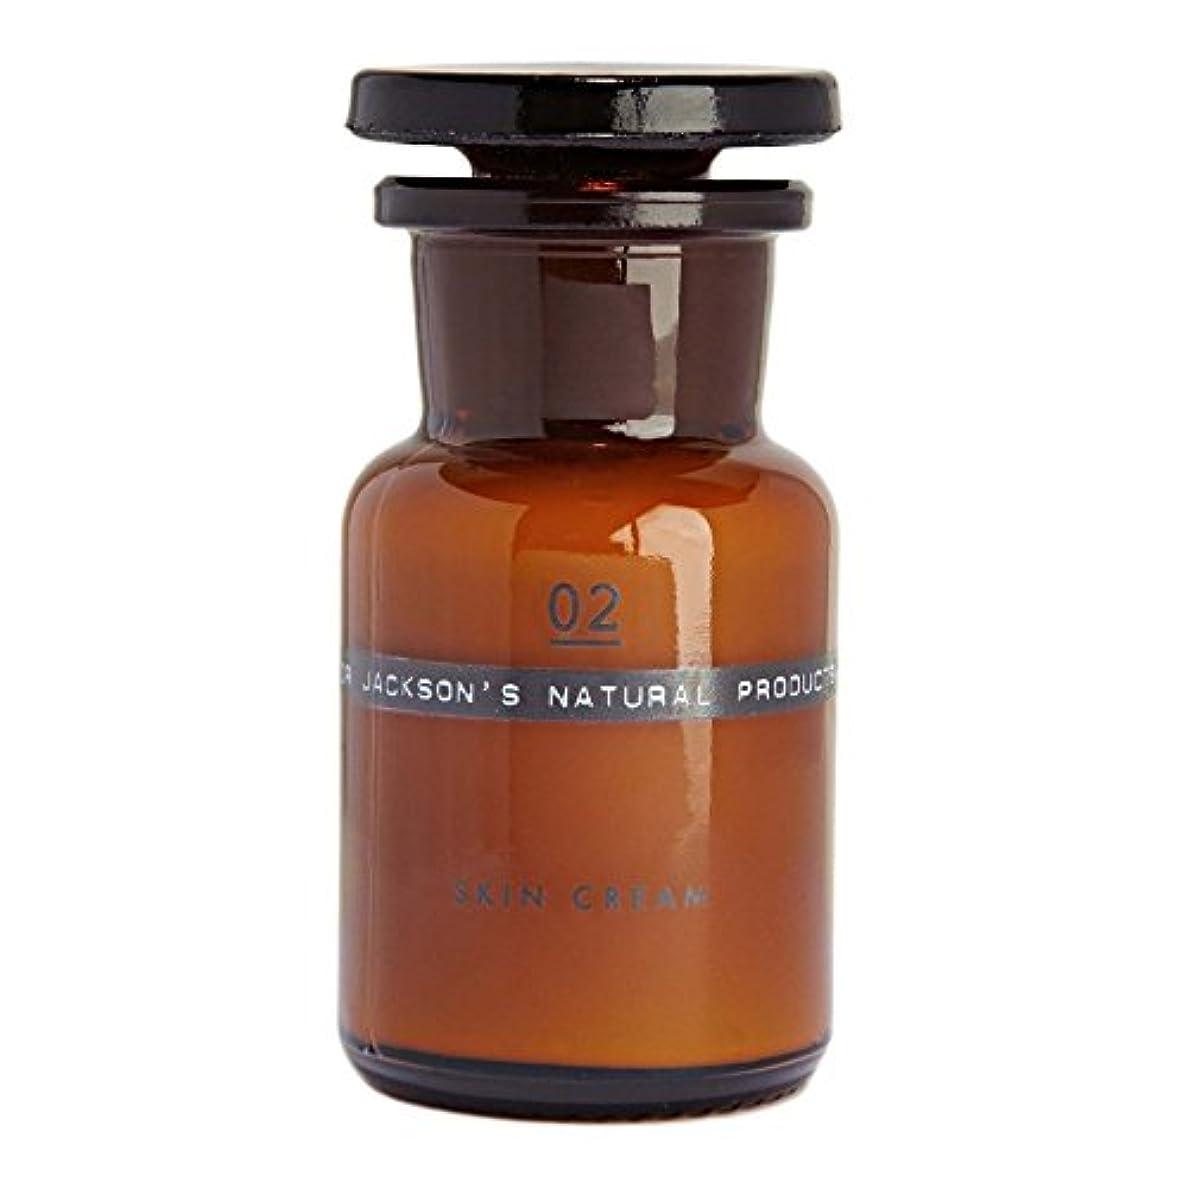 芸術ボート義務Dr Jackson's 02 Skin Cream 50ml - ジャクソンの02スキンクリーム50ミリリットル [並行輸入品]